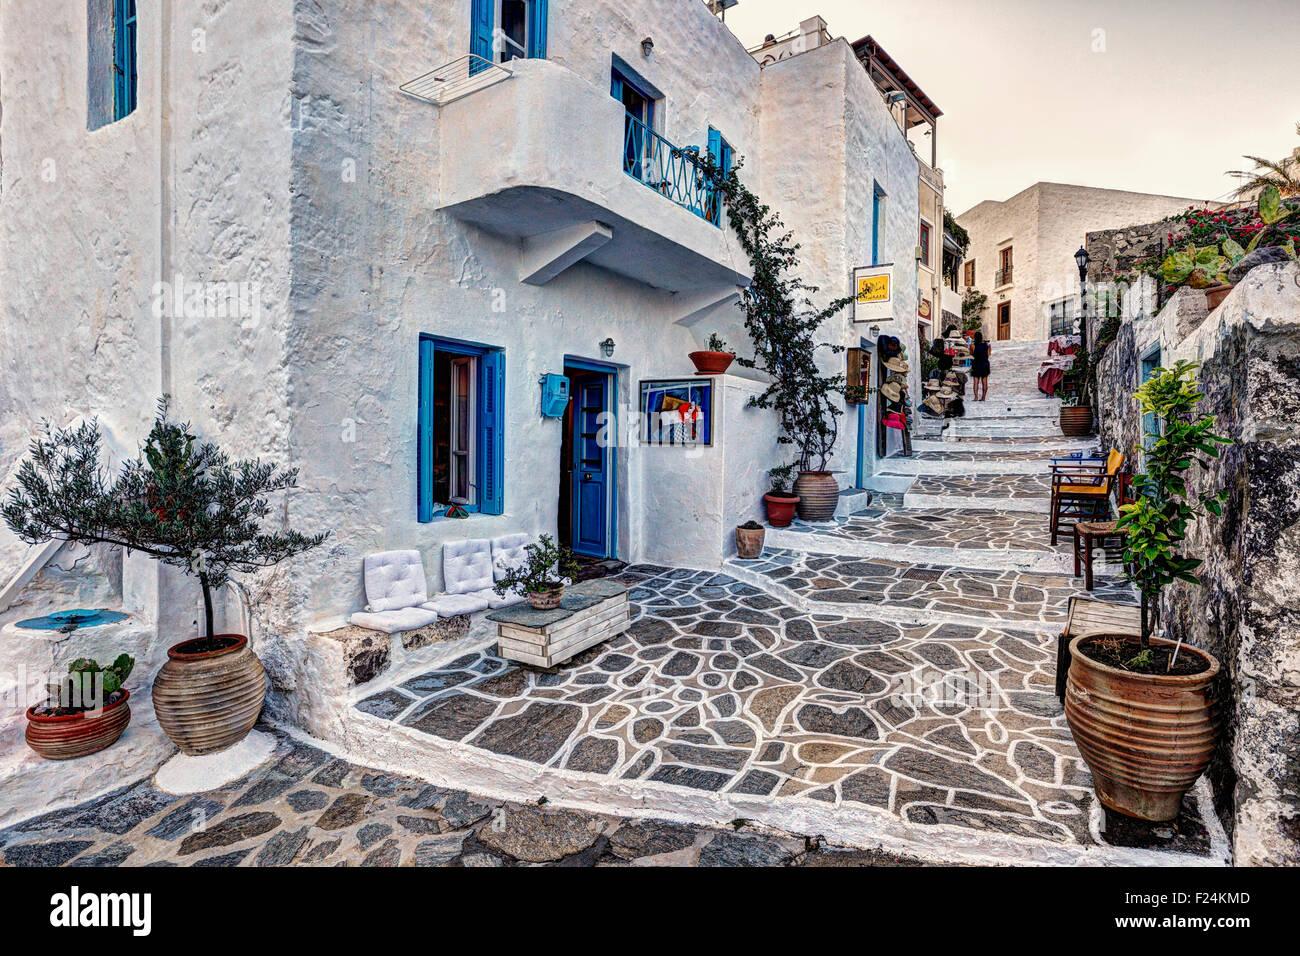 Il tradizionale villaggio di Plaka a Milos, Grecia Immagini Stock